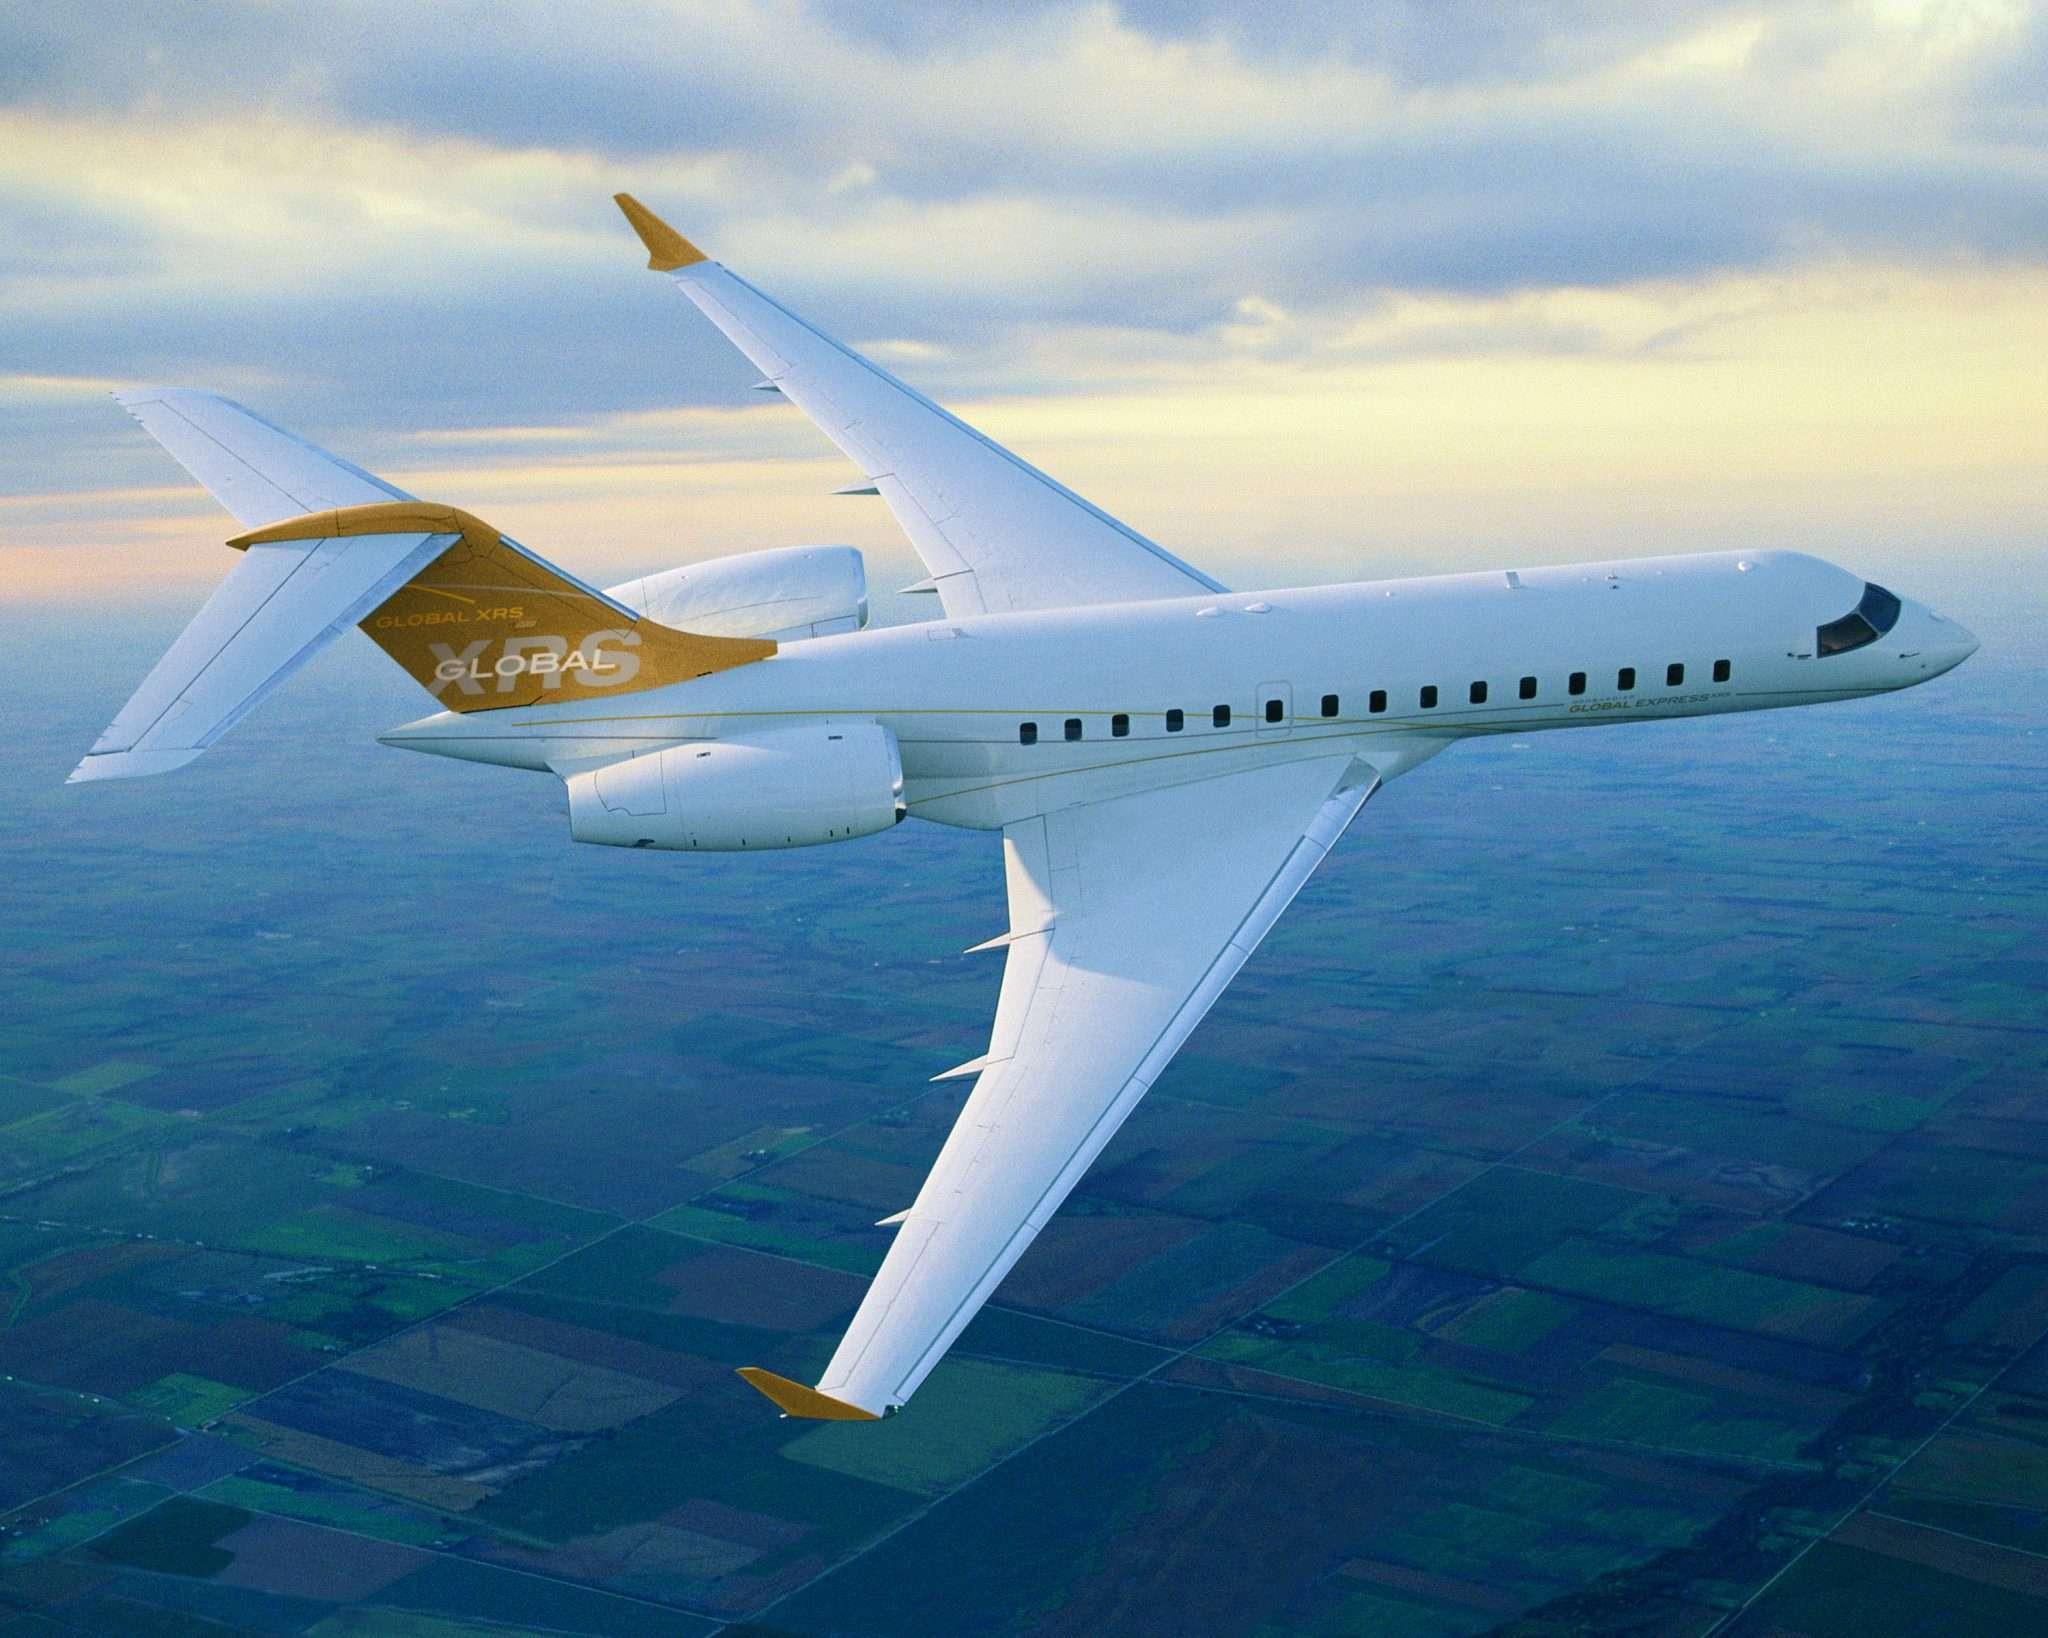 global express charter flights stratos jet charters. Black Bedroom Furniture Sets. Home Design Ideas